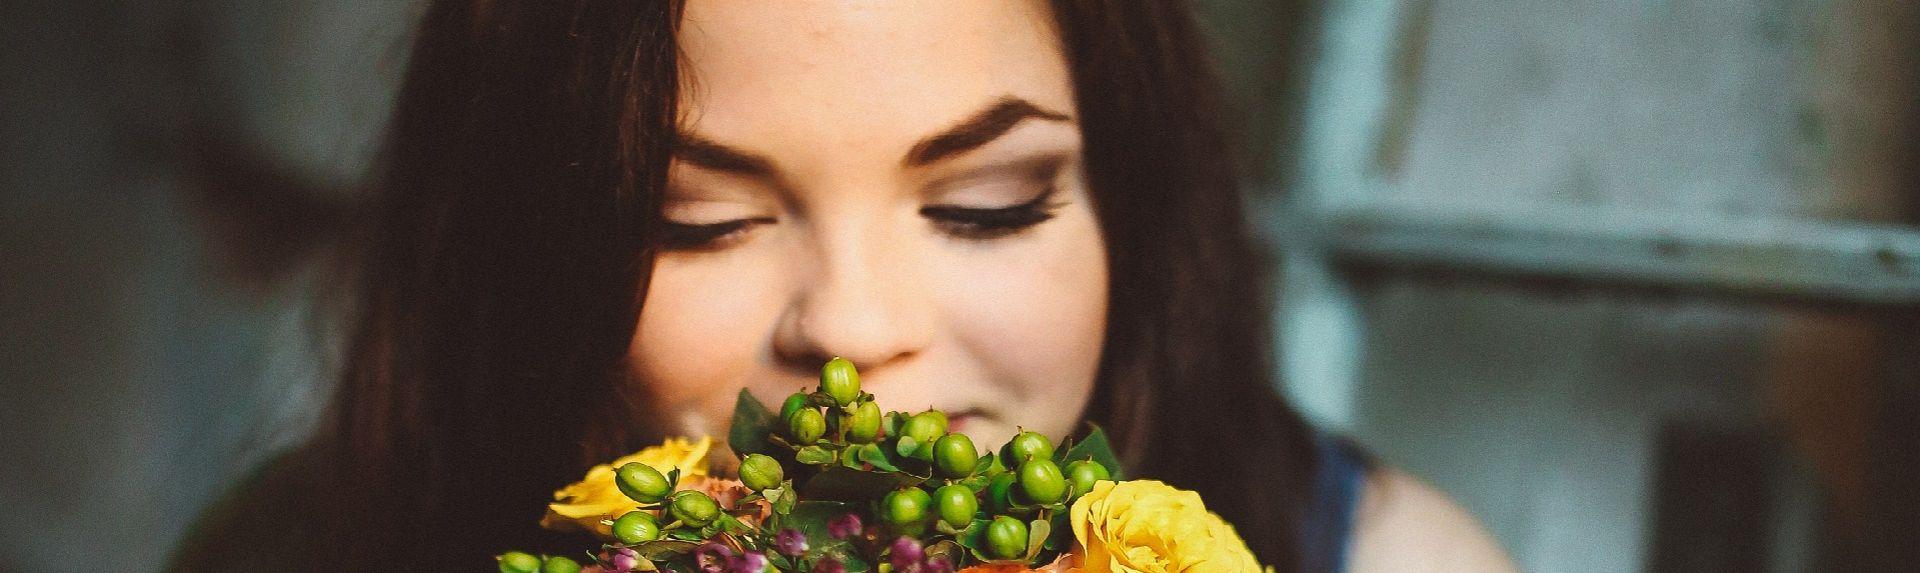 Болезни по-женски: виды, симптомы, методы лечения